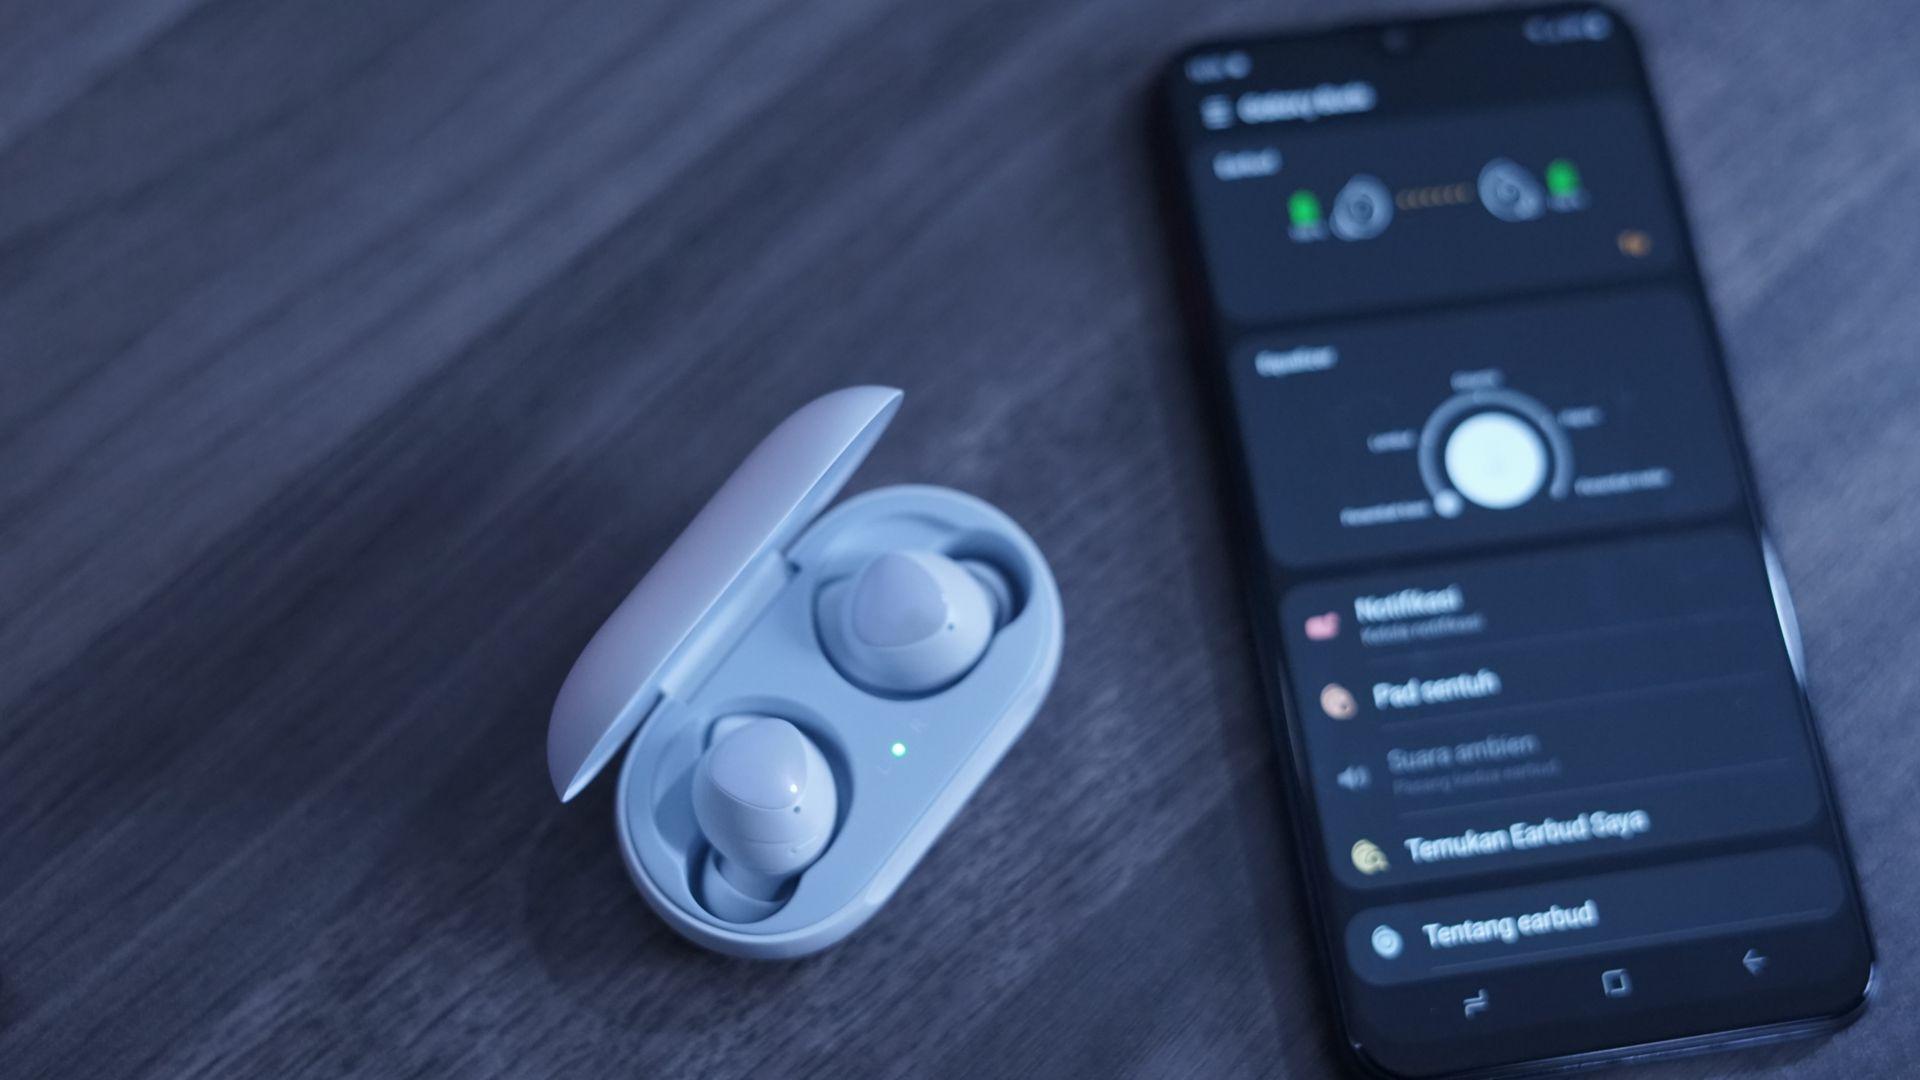 Galaxy Buds conta com áudio assinado pela AKG (Foto: Lukmanazis / Shutterstock.com)